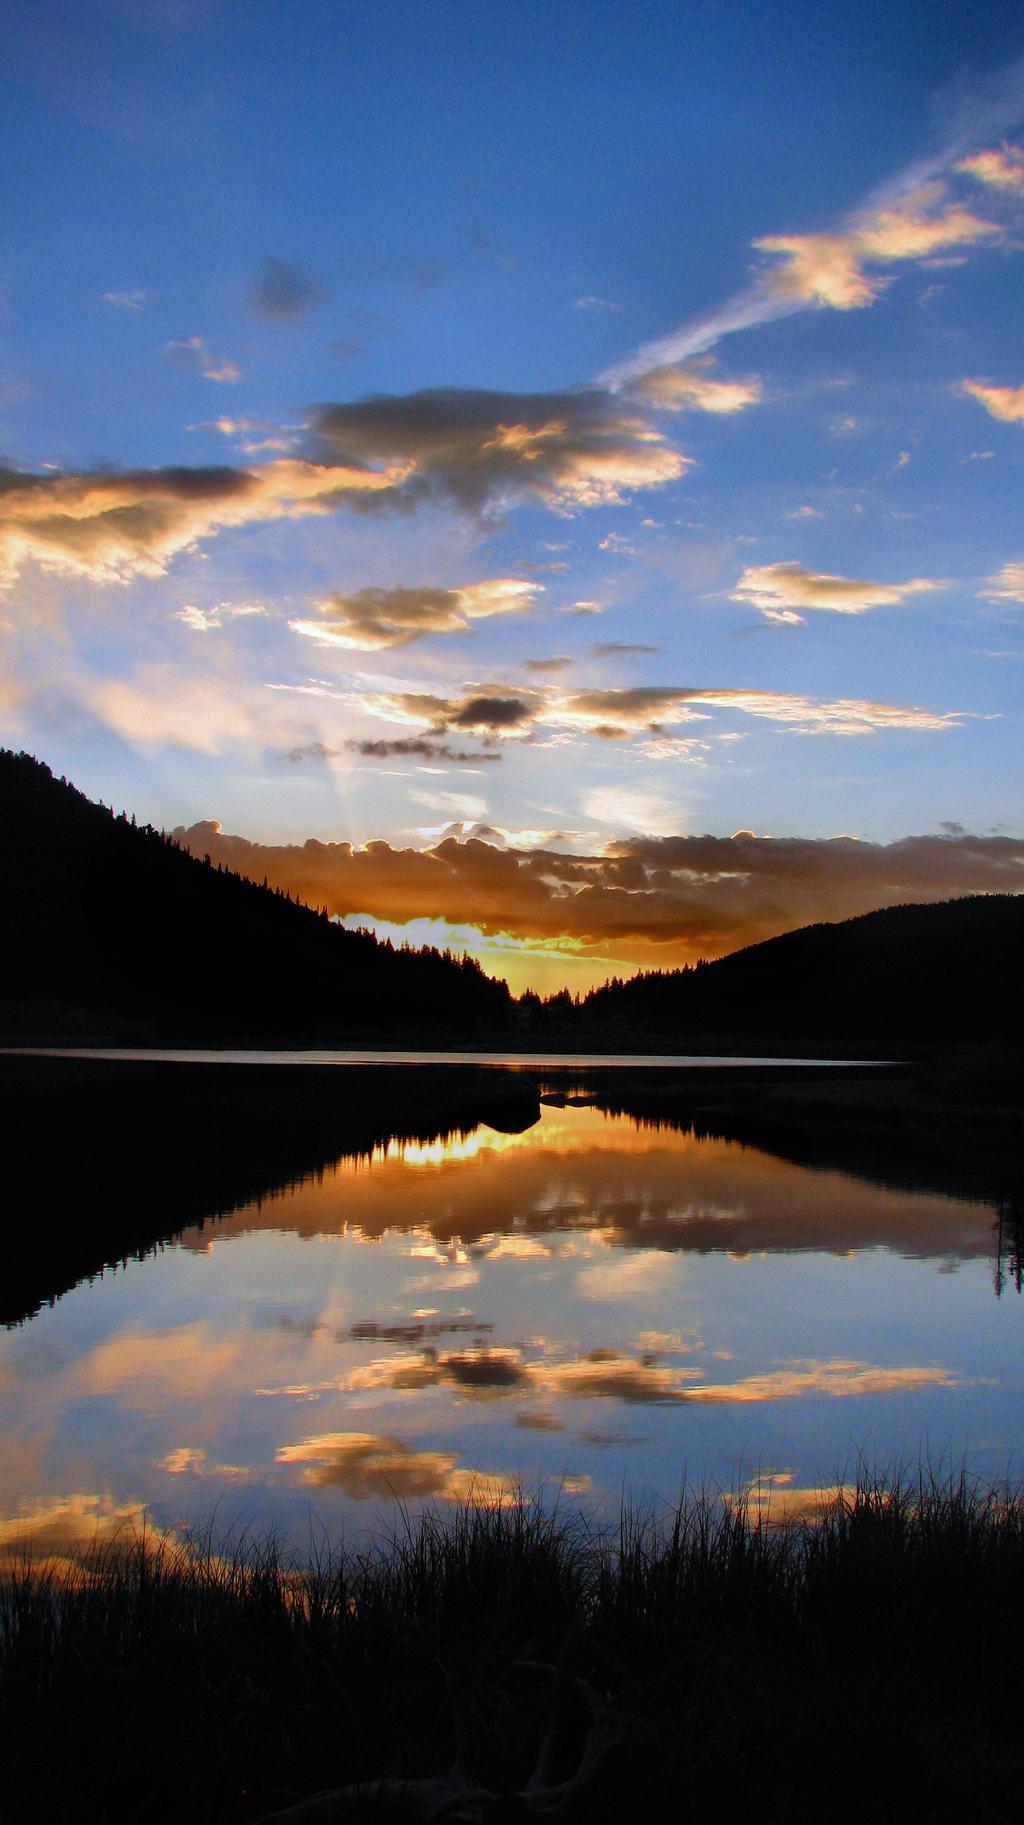 Sunrise Reflections by JCMillard